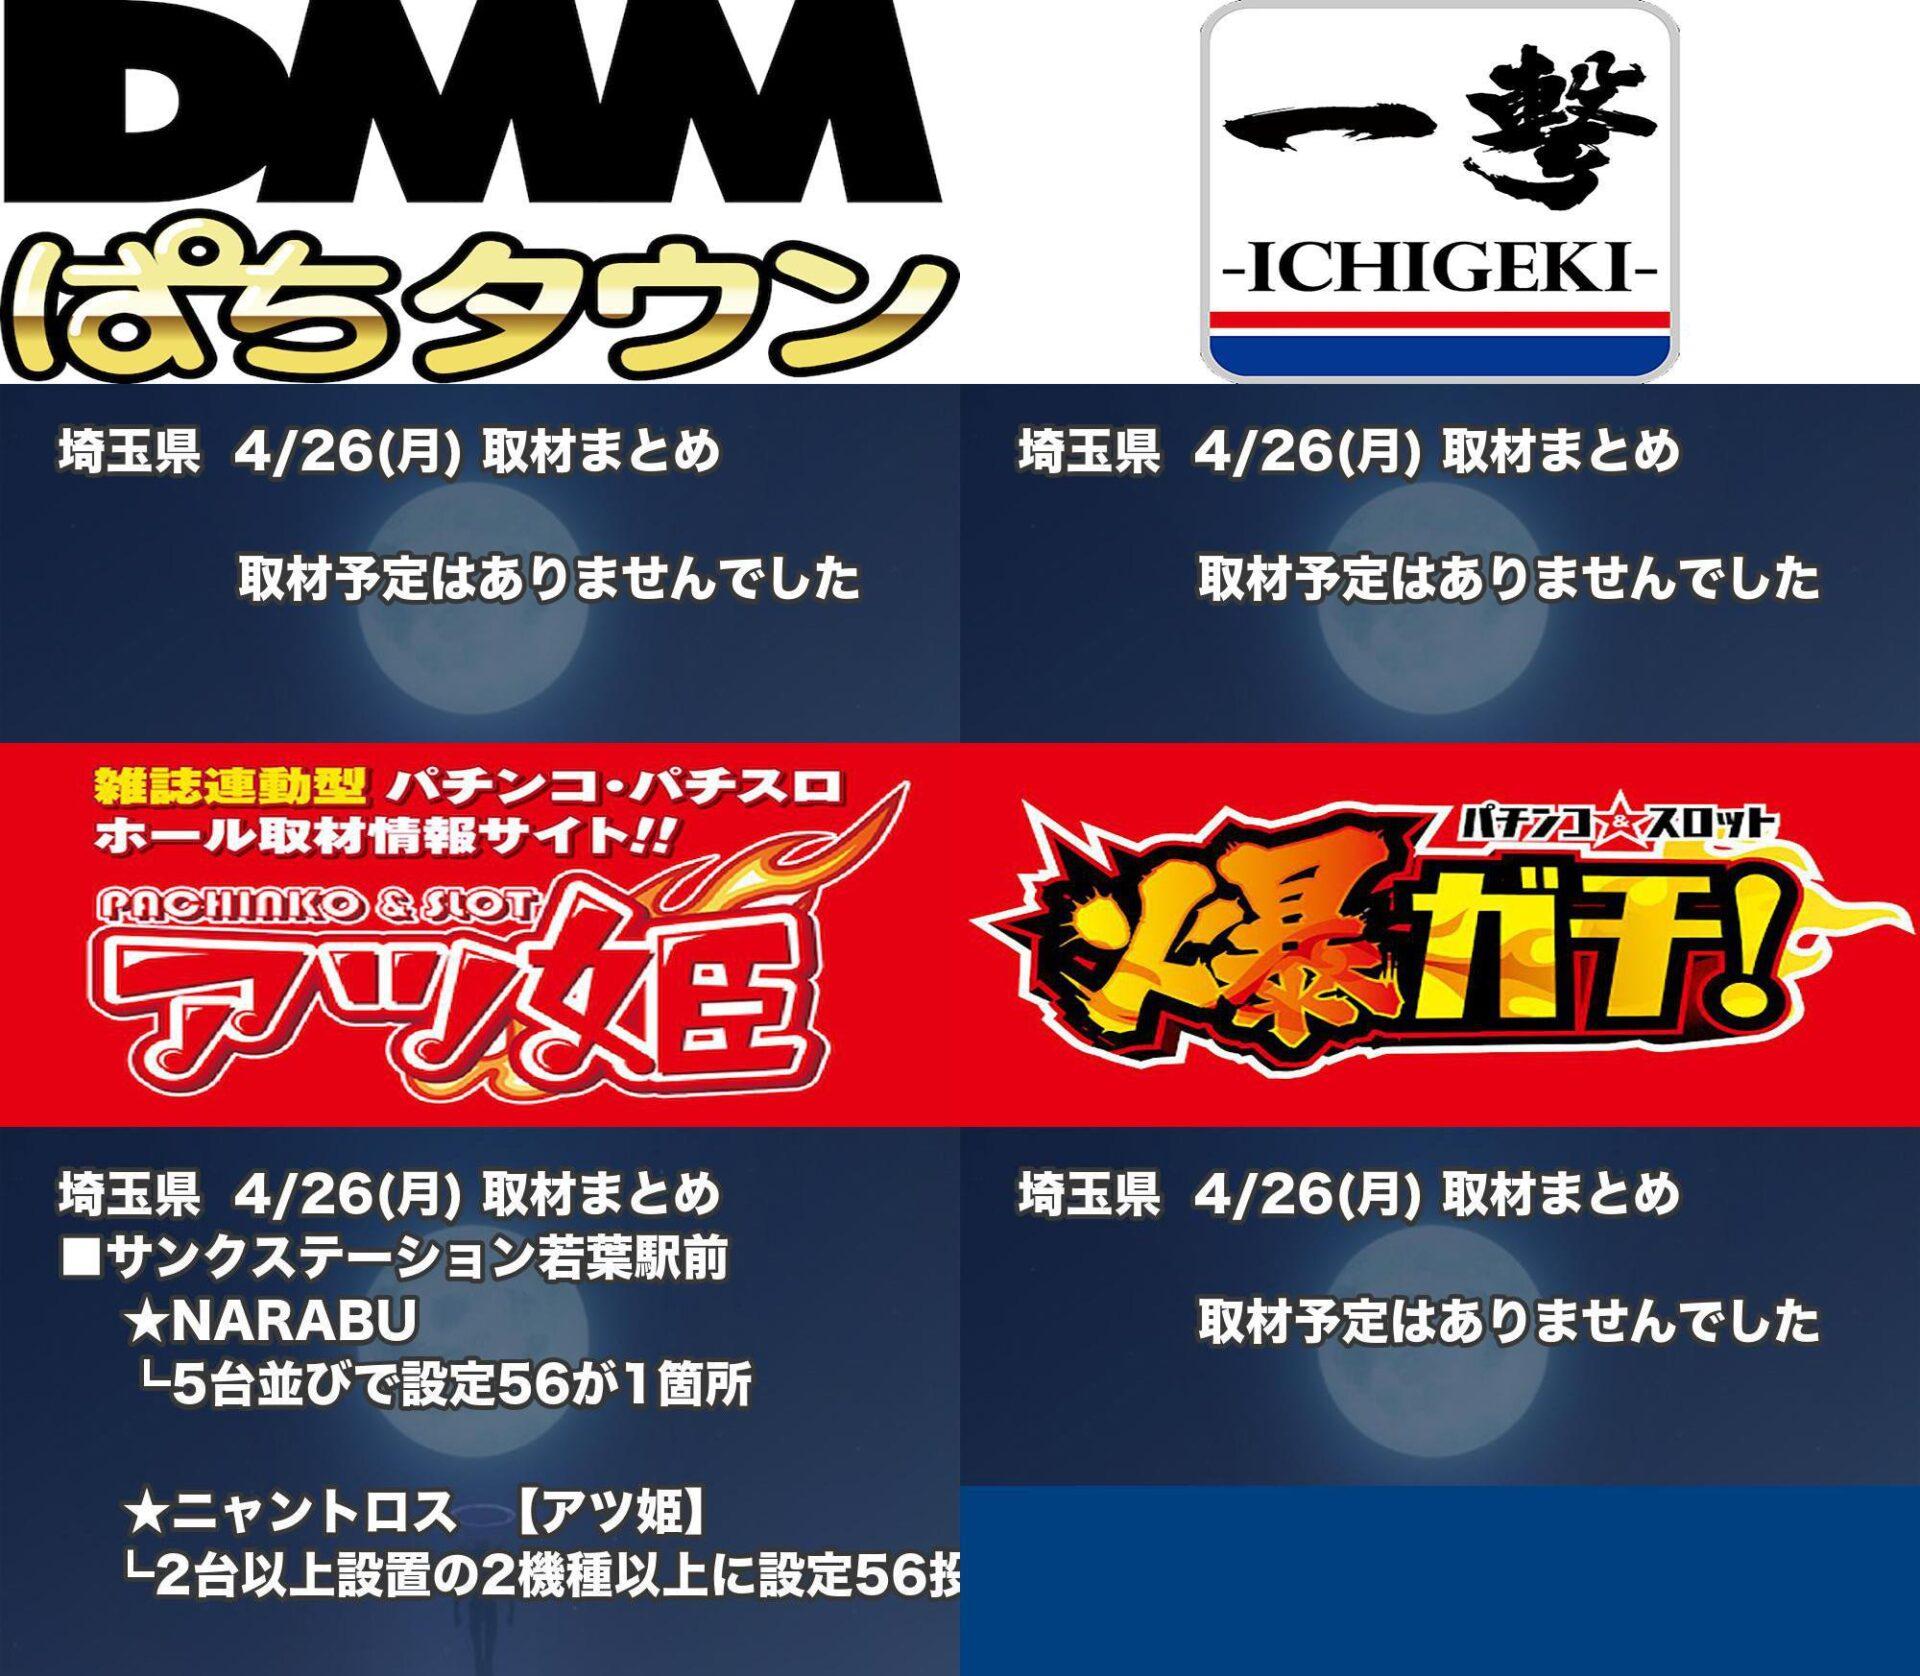 埼玉県_2021-04-26_パチンコ・パチスロ